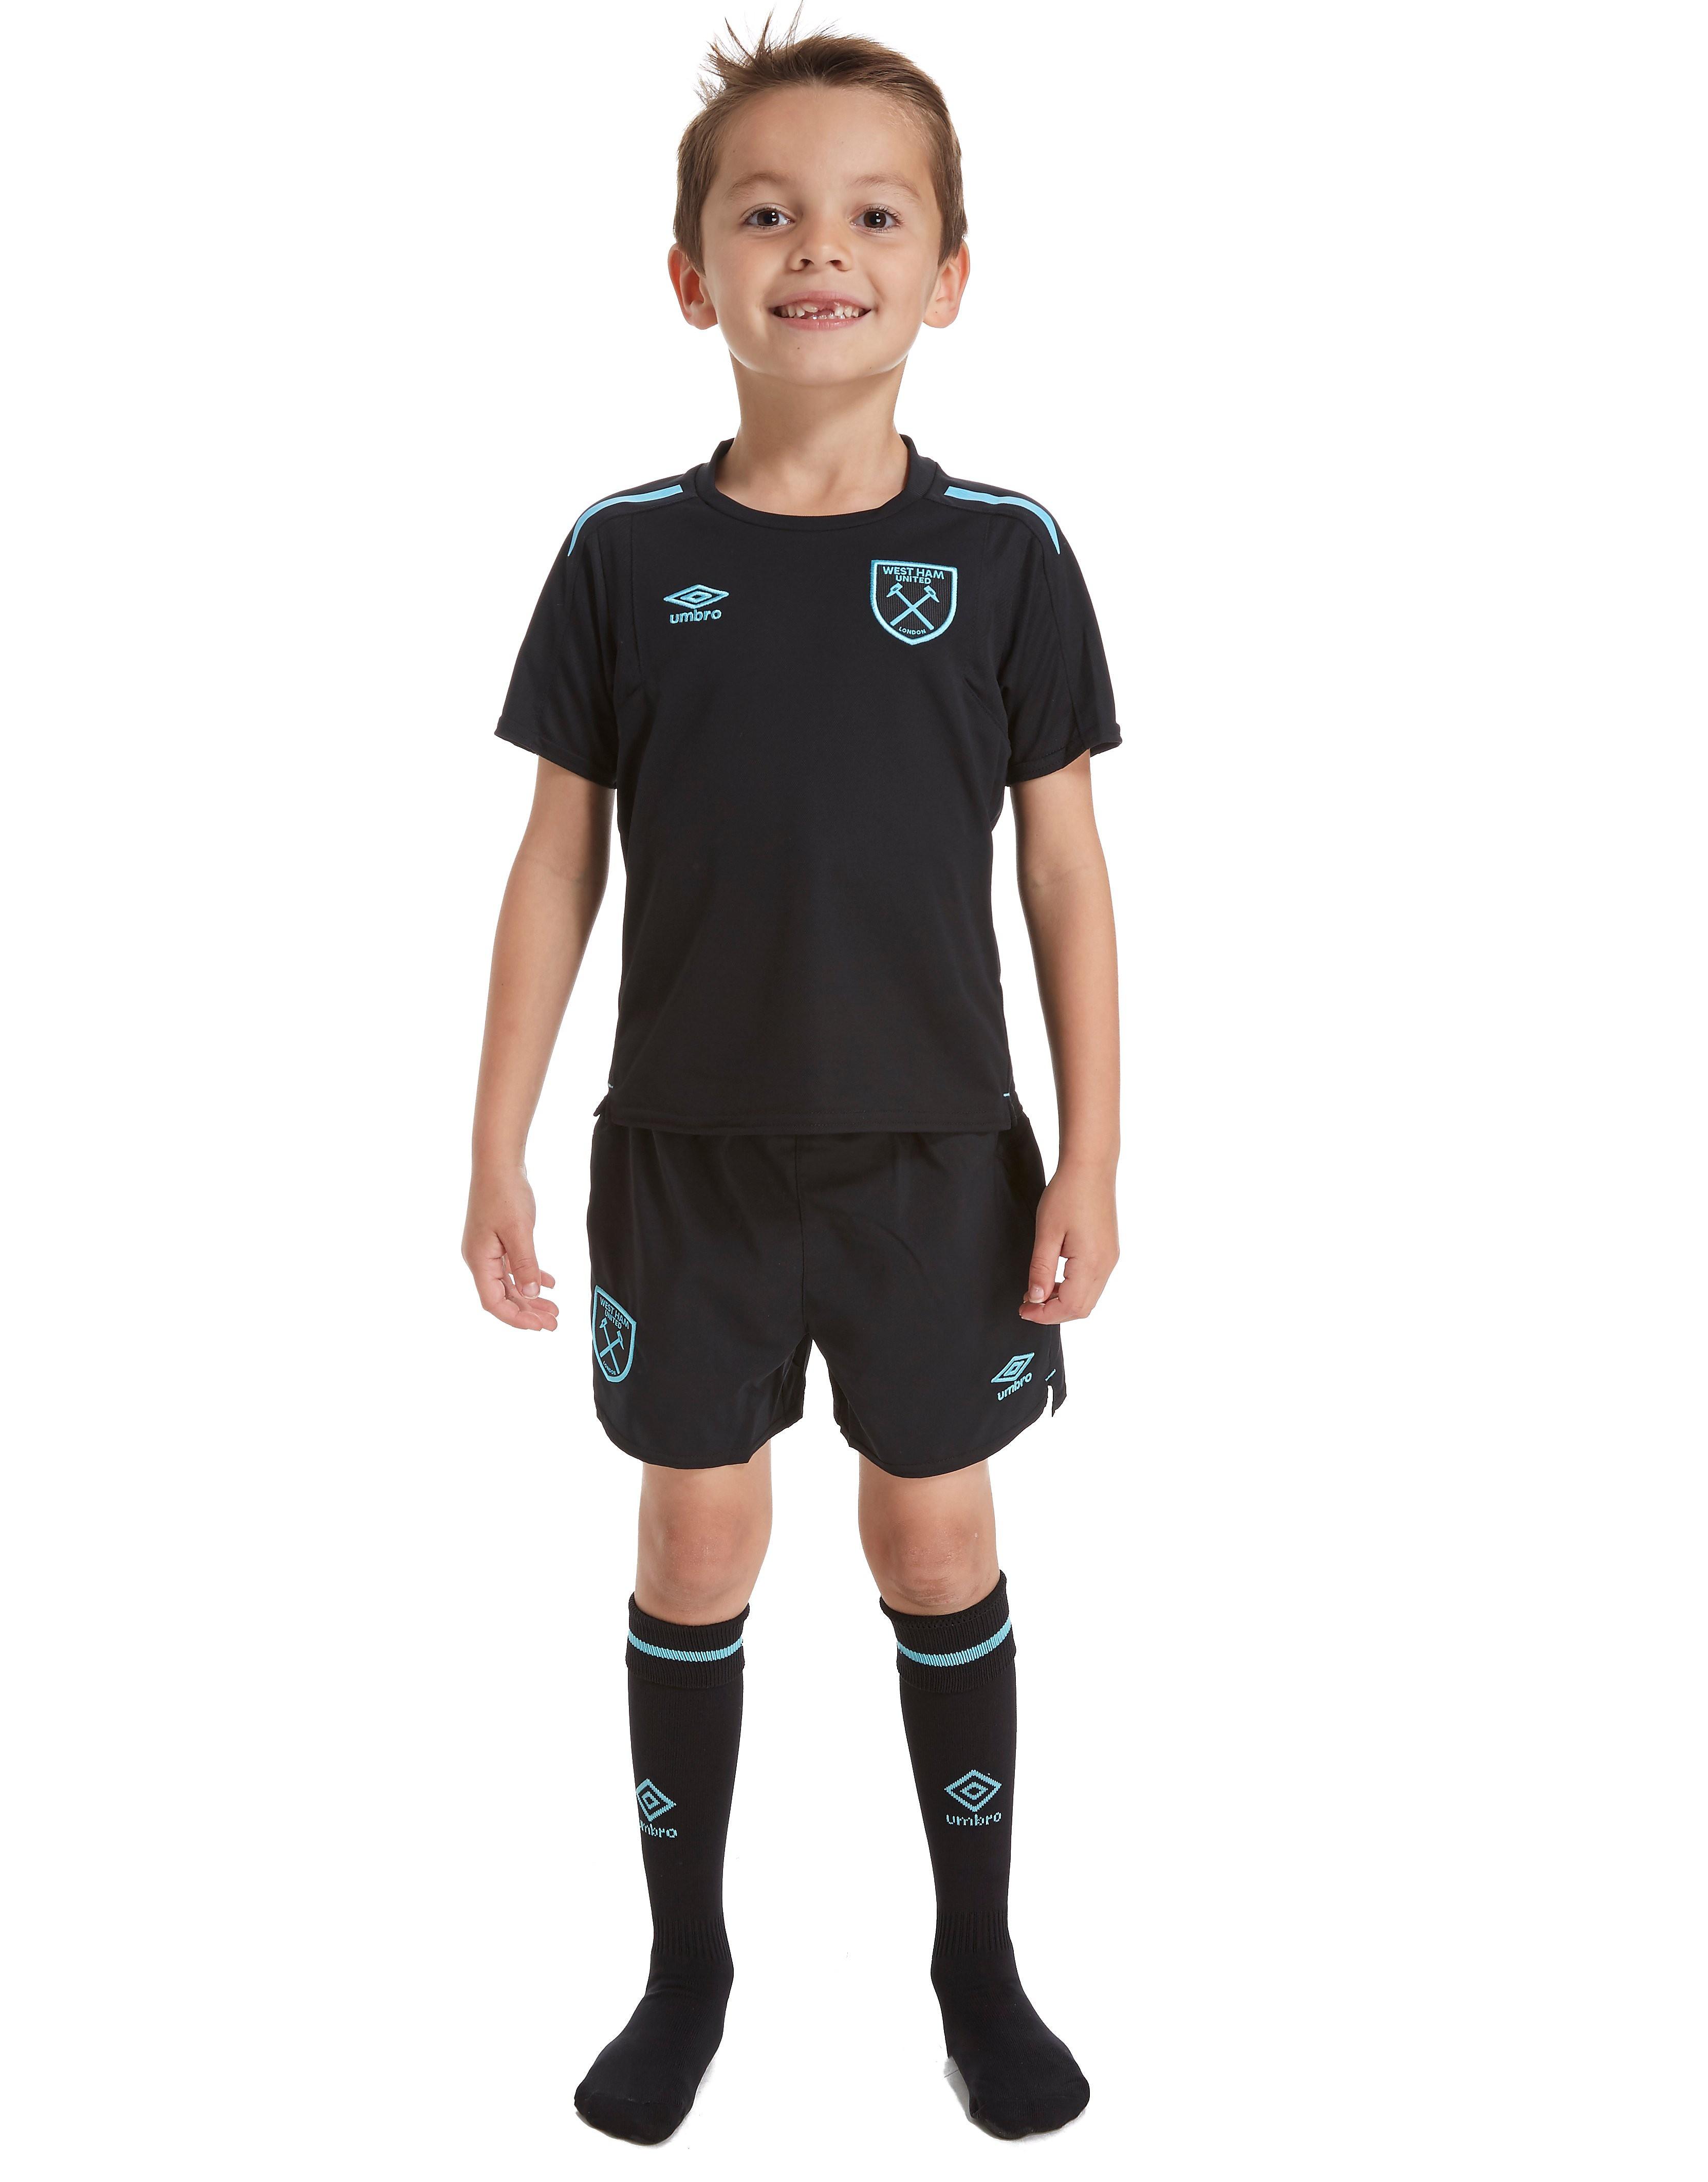 Umbro West Ham Utd 2017/18 Away Kit Children PRE ORDER